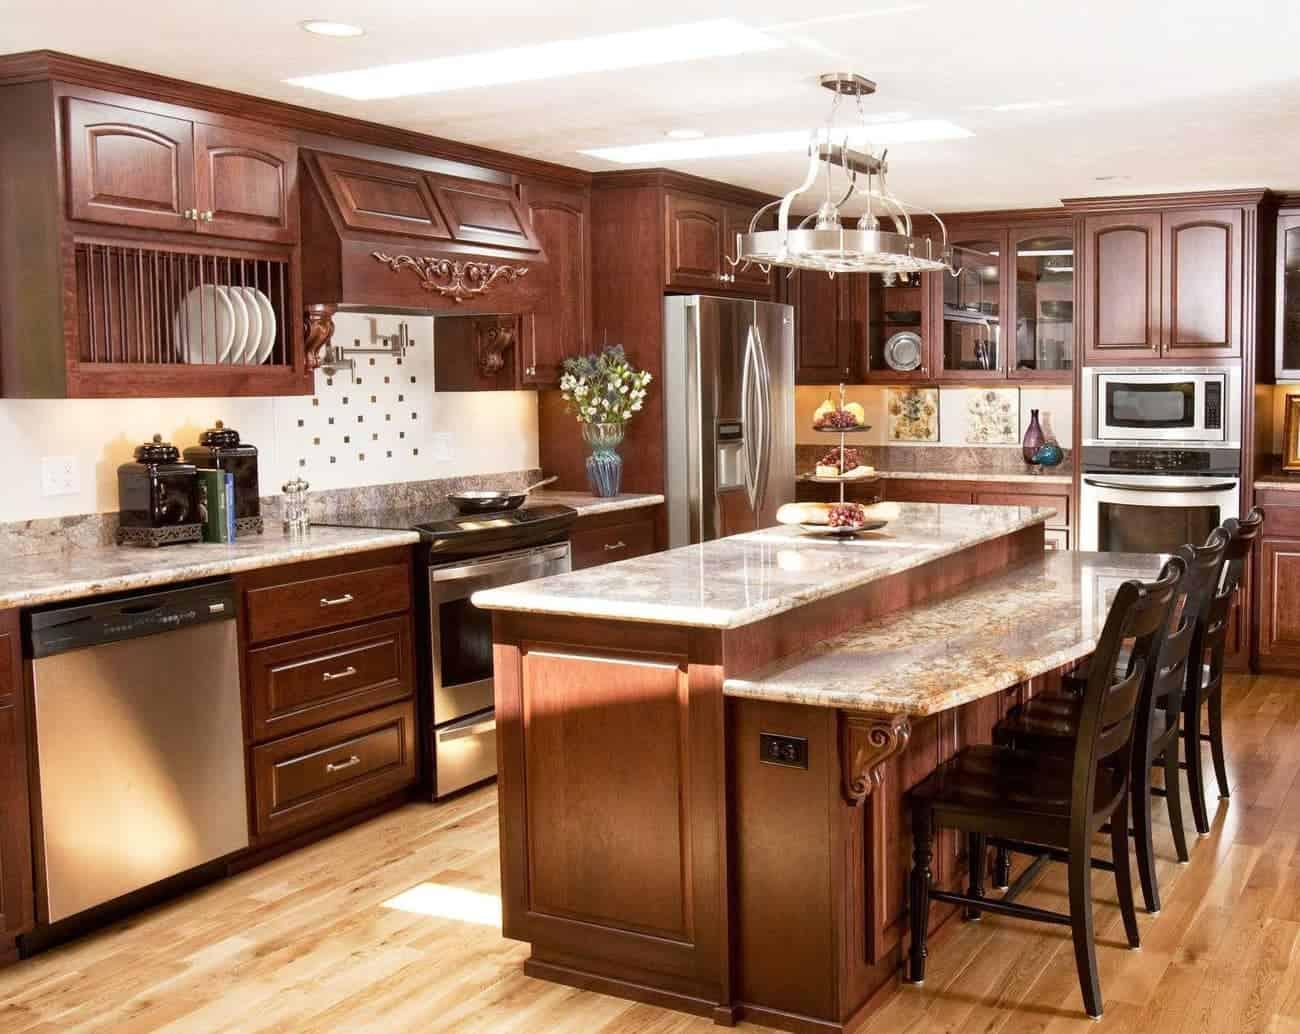 Tủ bếp mang nét đẹp tân cổ với hoa văn kiểu Pháp tinh tế